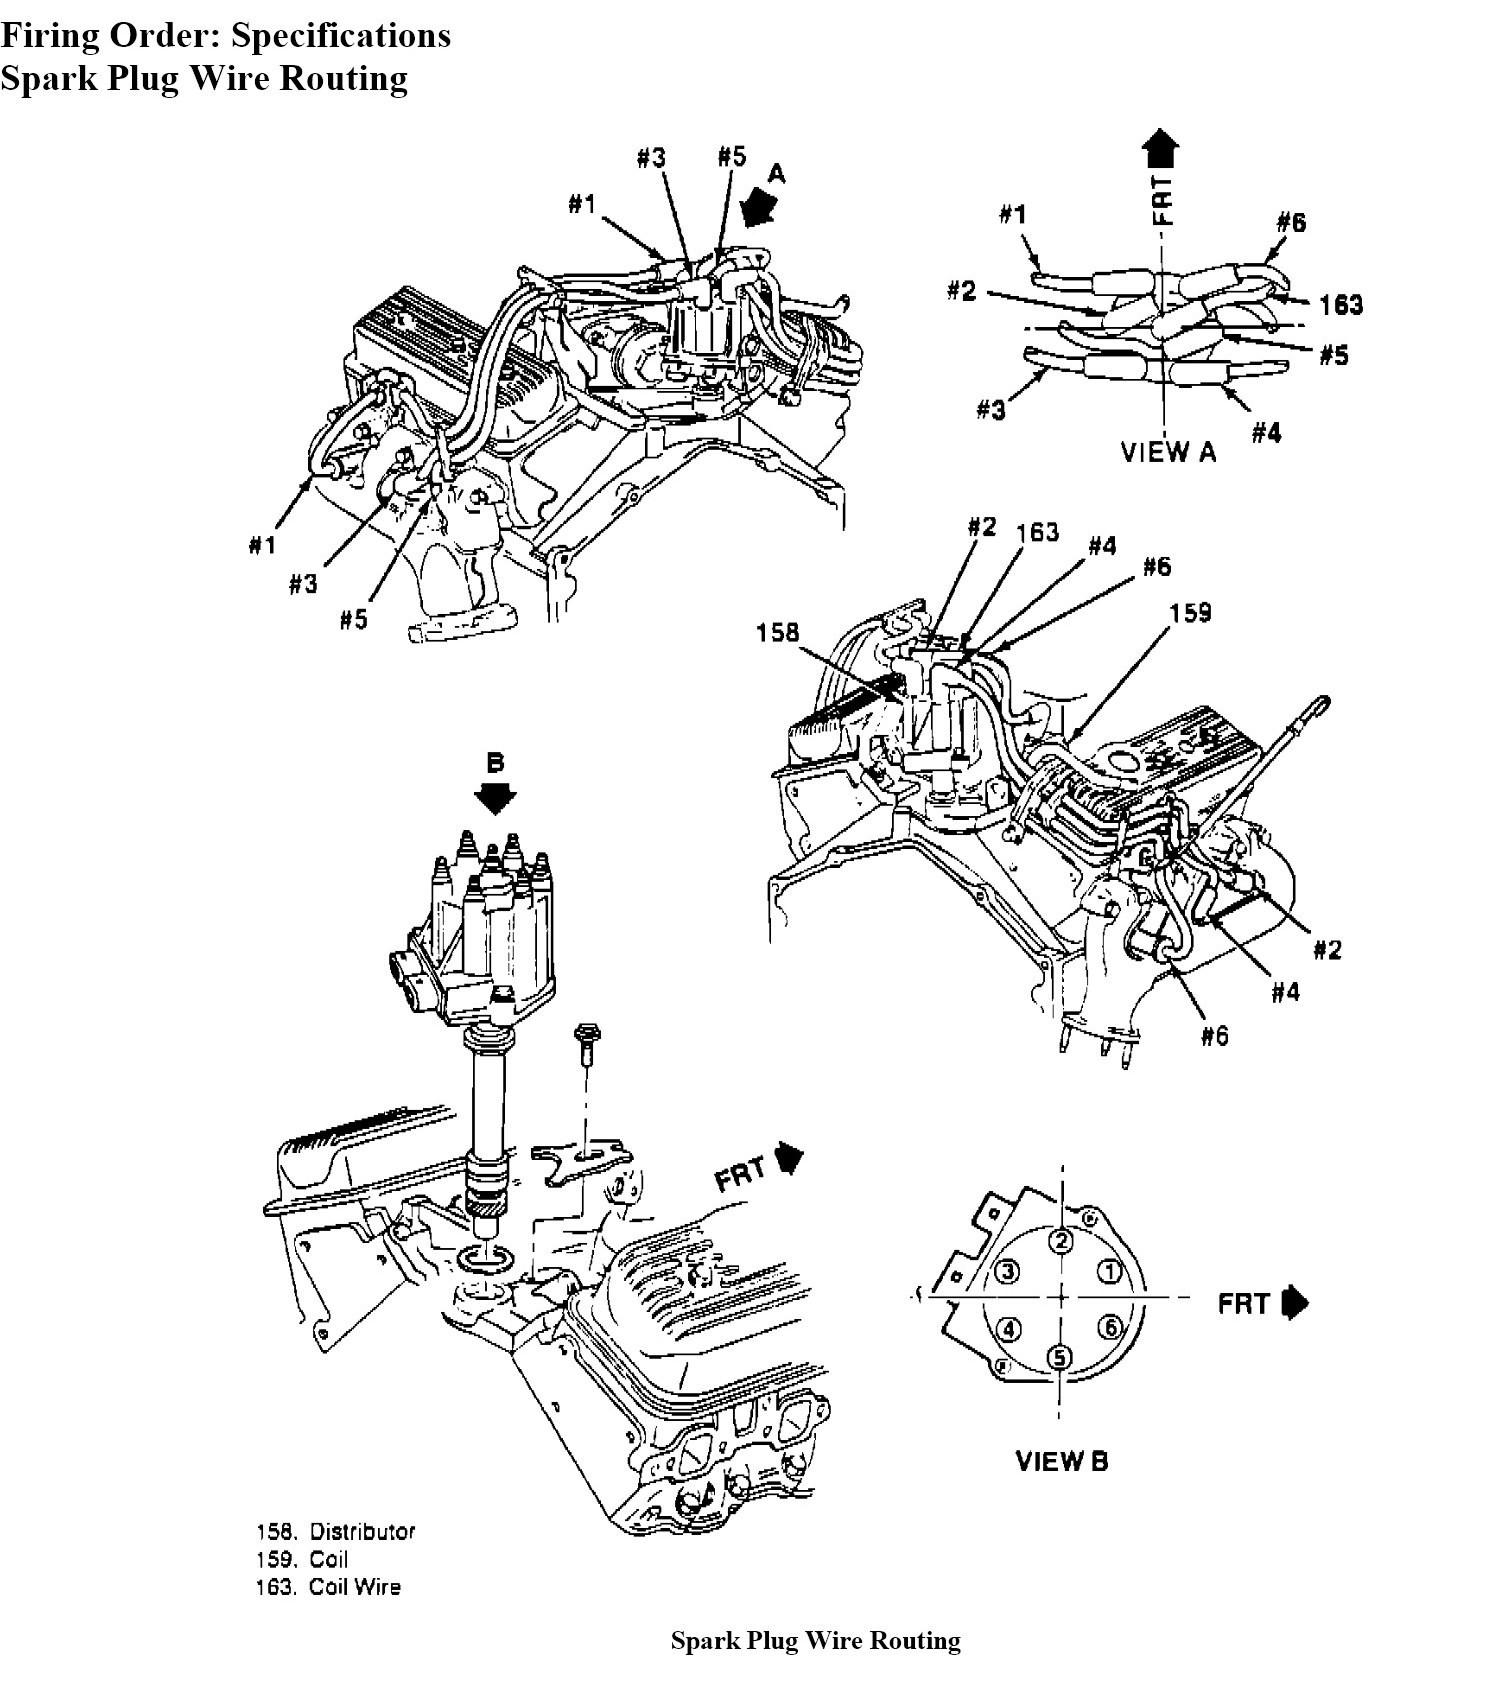 Ford Festiva Firing Order | Ford Firing Order